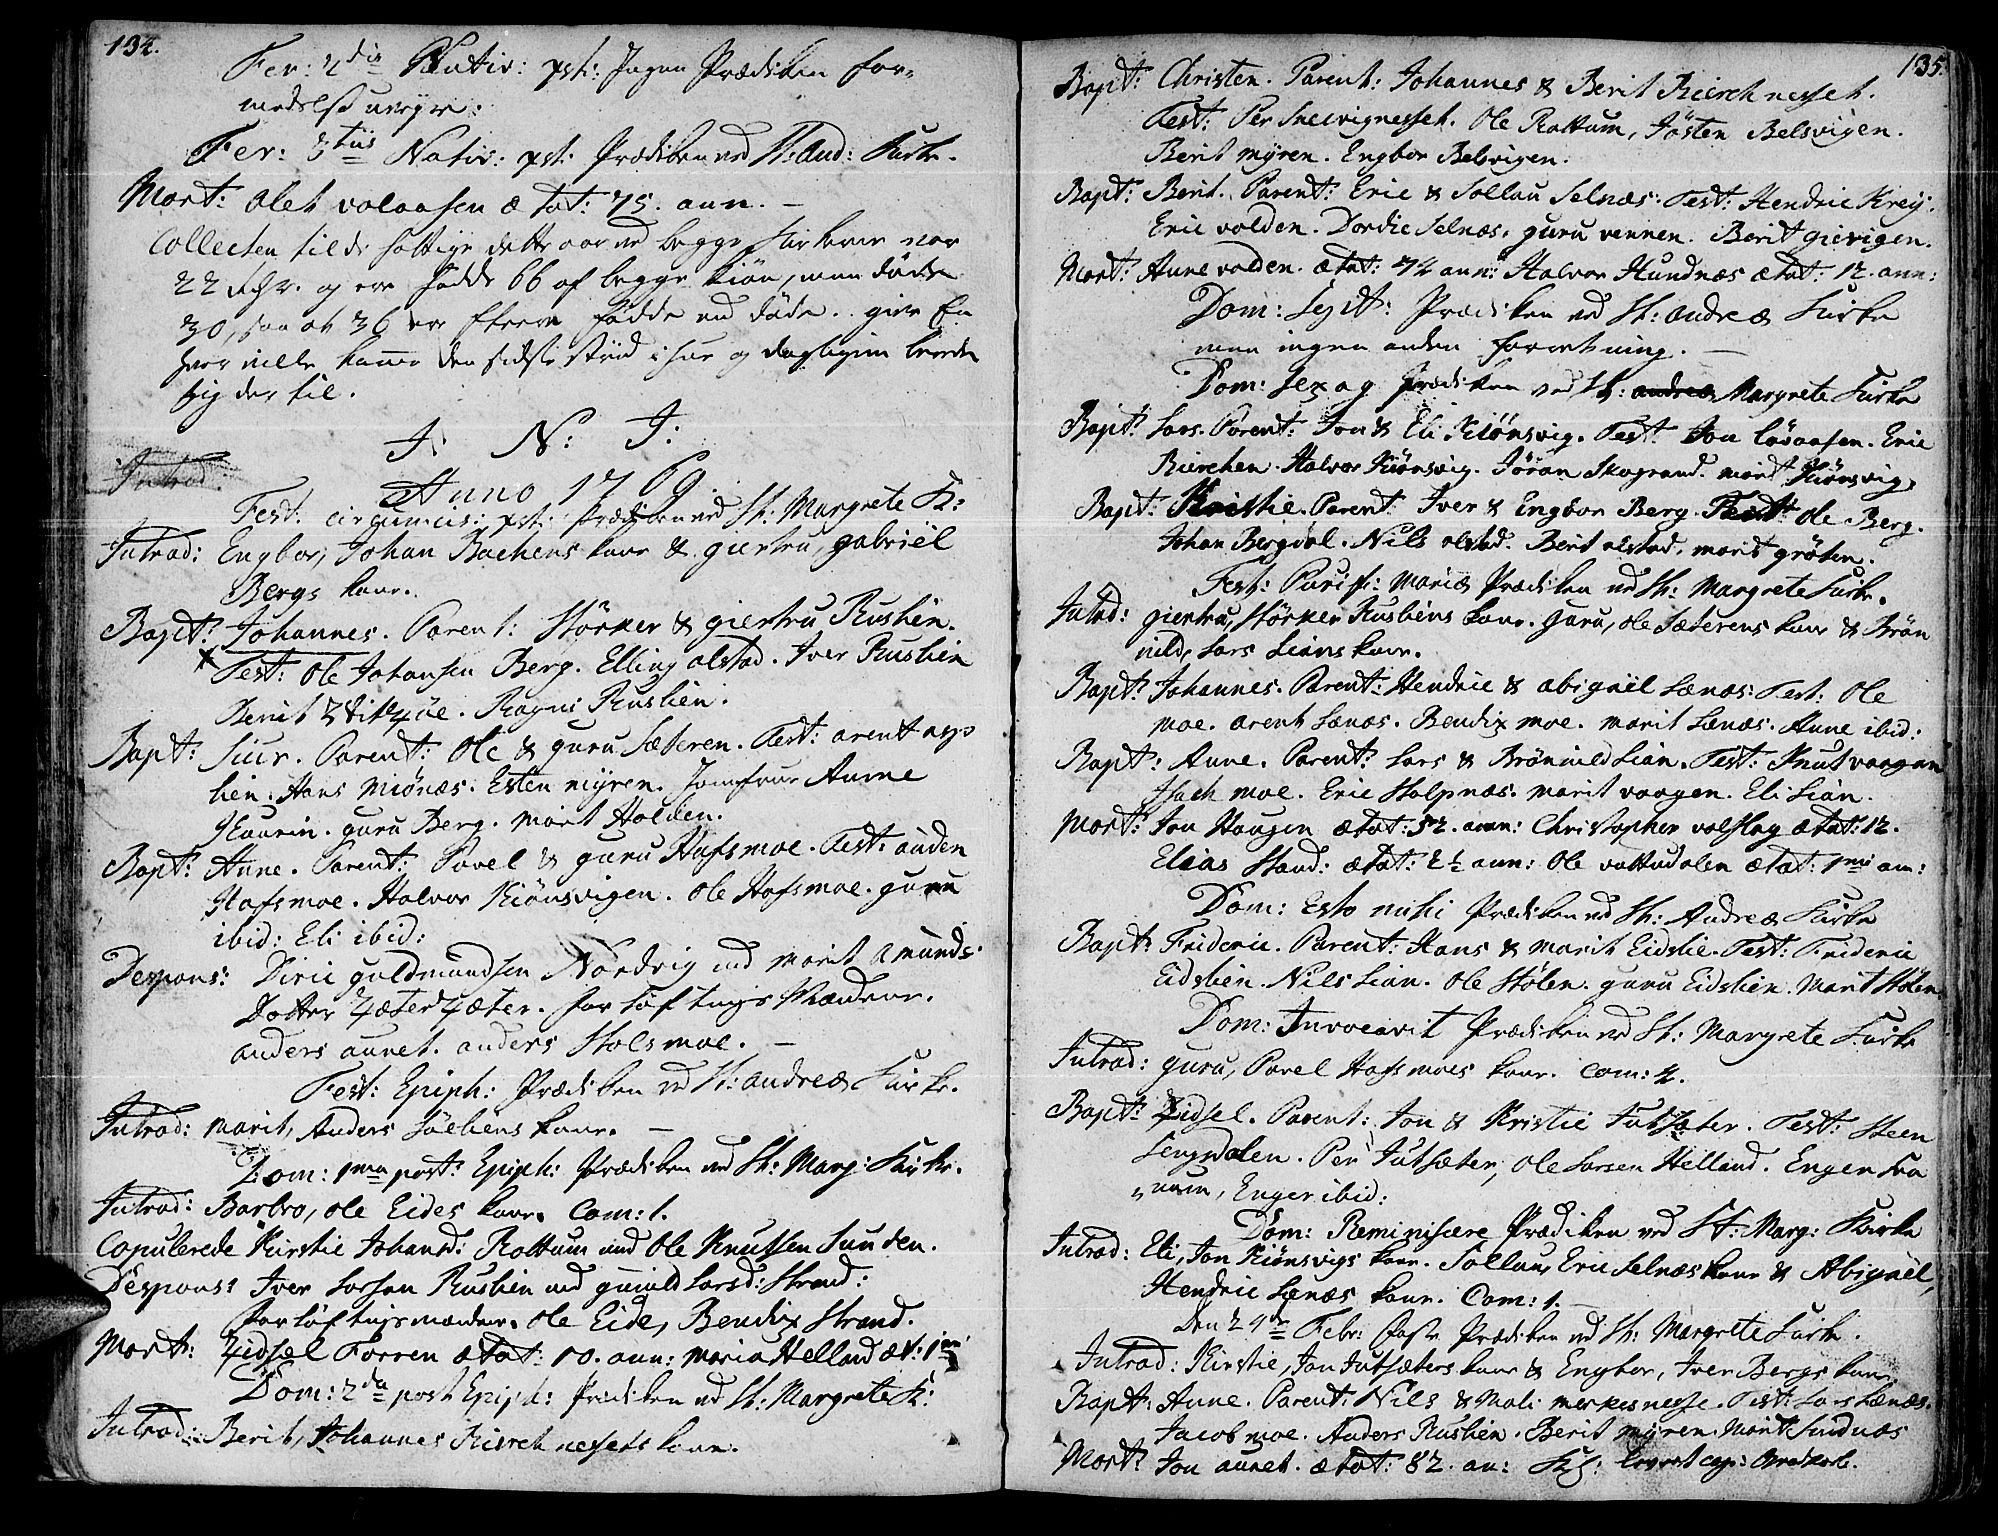 SAT, Ministerialprotokoller, klokkerbøker og fødselsregistre - Sør-Trøndelag, 630/L0489: Ministerialbok nr. 630A02, 1757-1794, s. 134-135